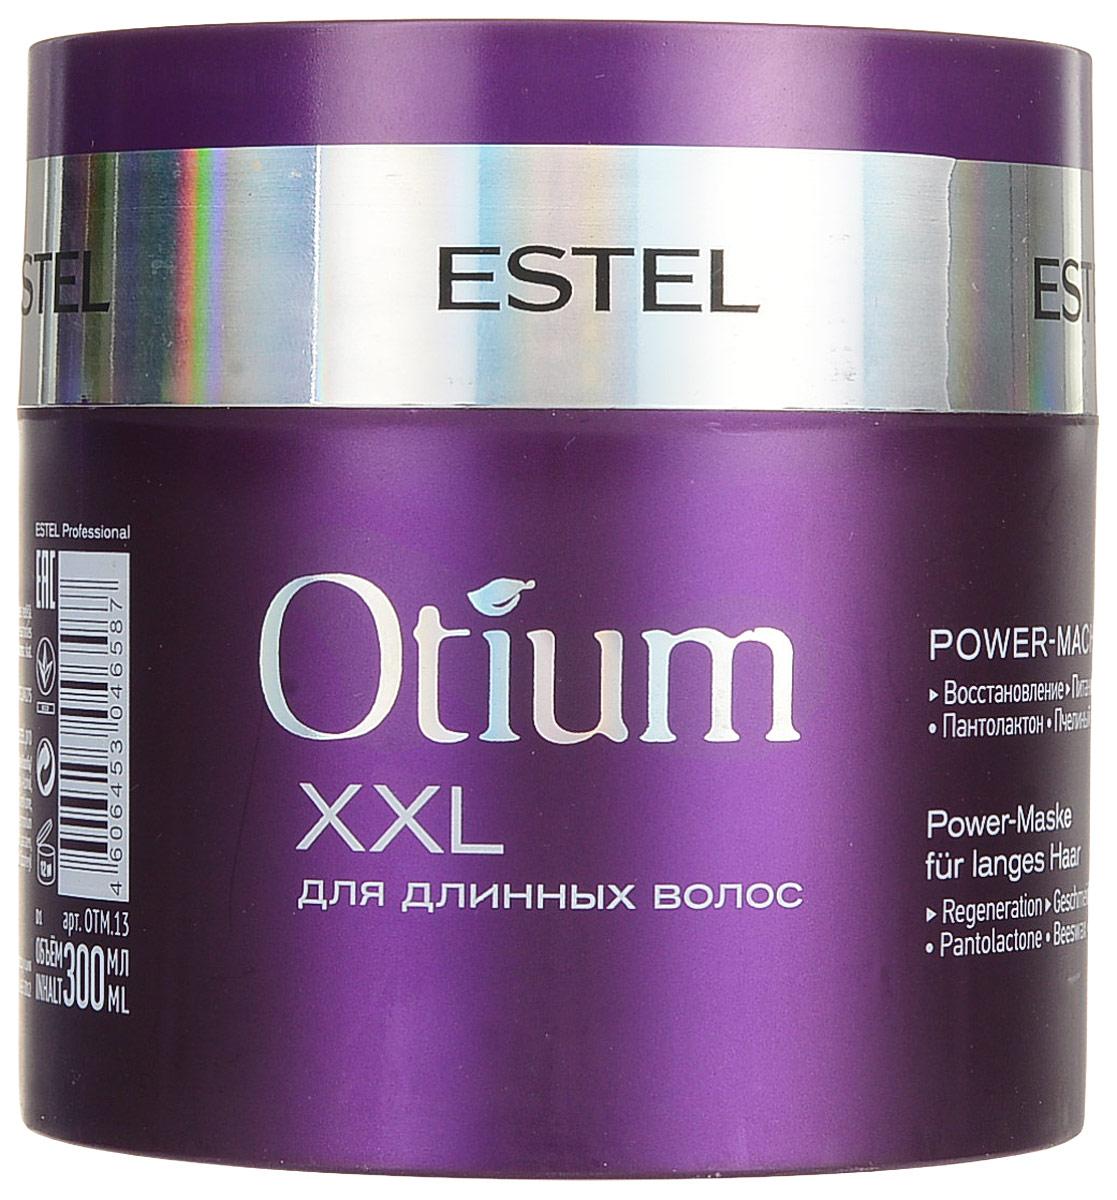 Estel Otium XXL Power-маска для длинных волос 300 млFS-00897Estel Otium XXL Power-маска для длинных волос 300 мл